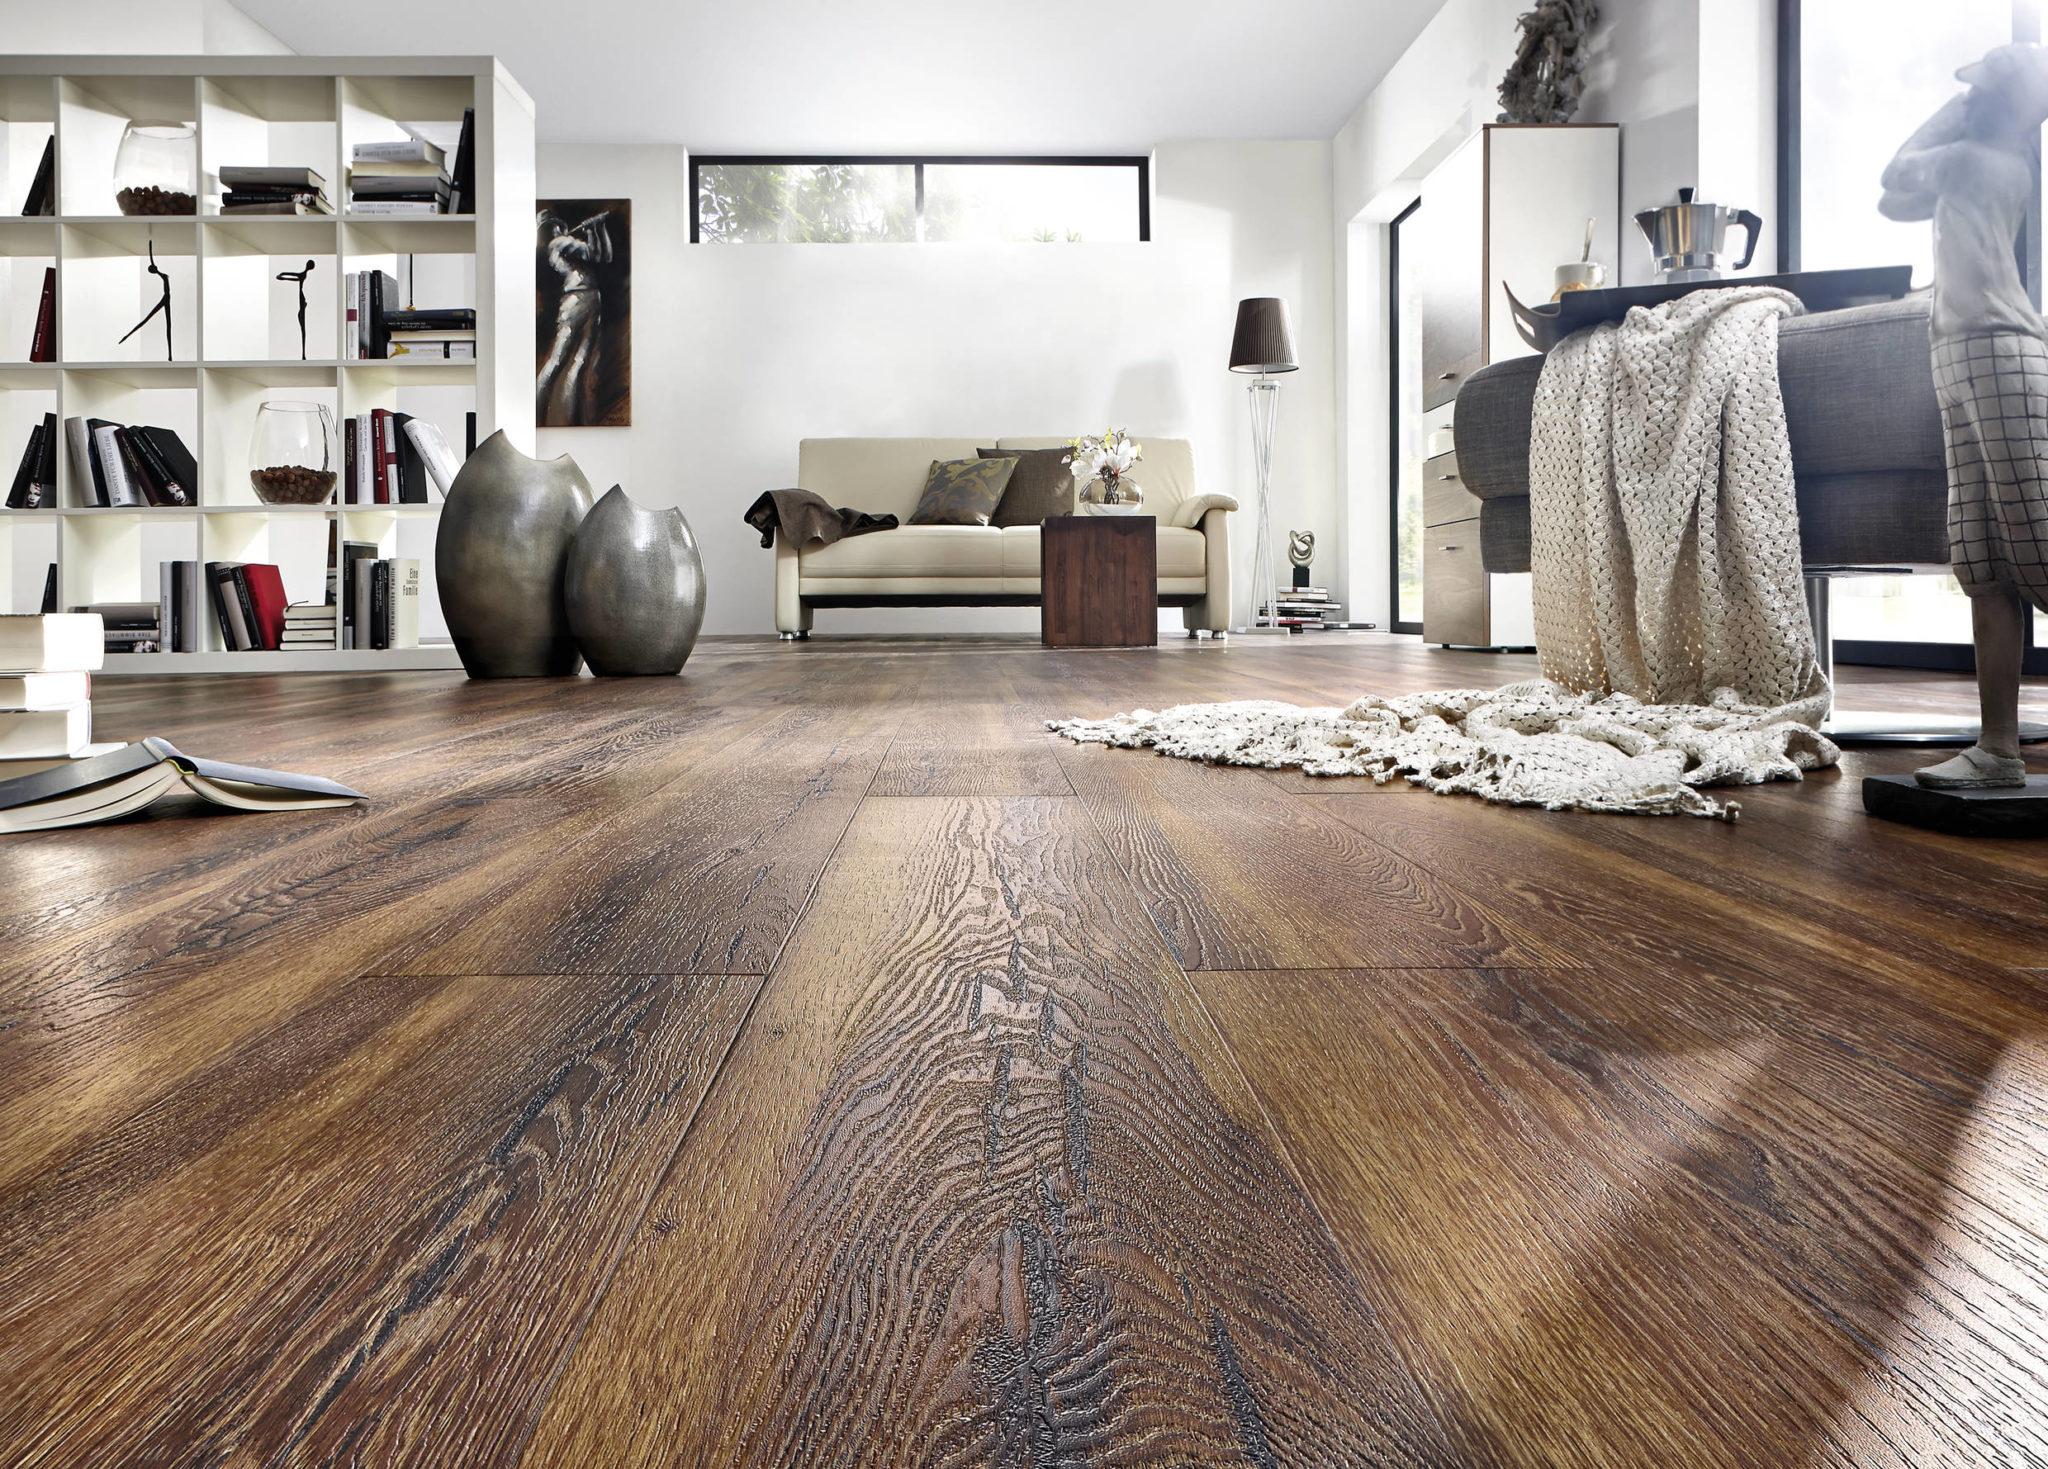 fliesenboden renovieren schnell staubfrei trebes raumausstattung und inneneinrichtung. Black Bedroom Furniture Sets. Home Design Ideas